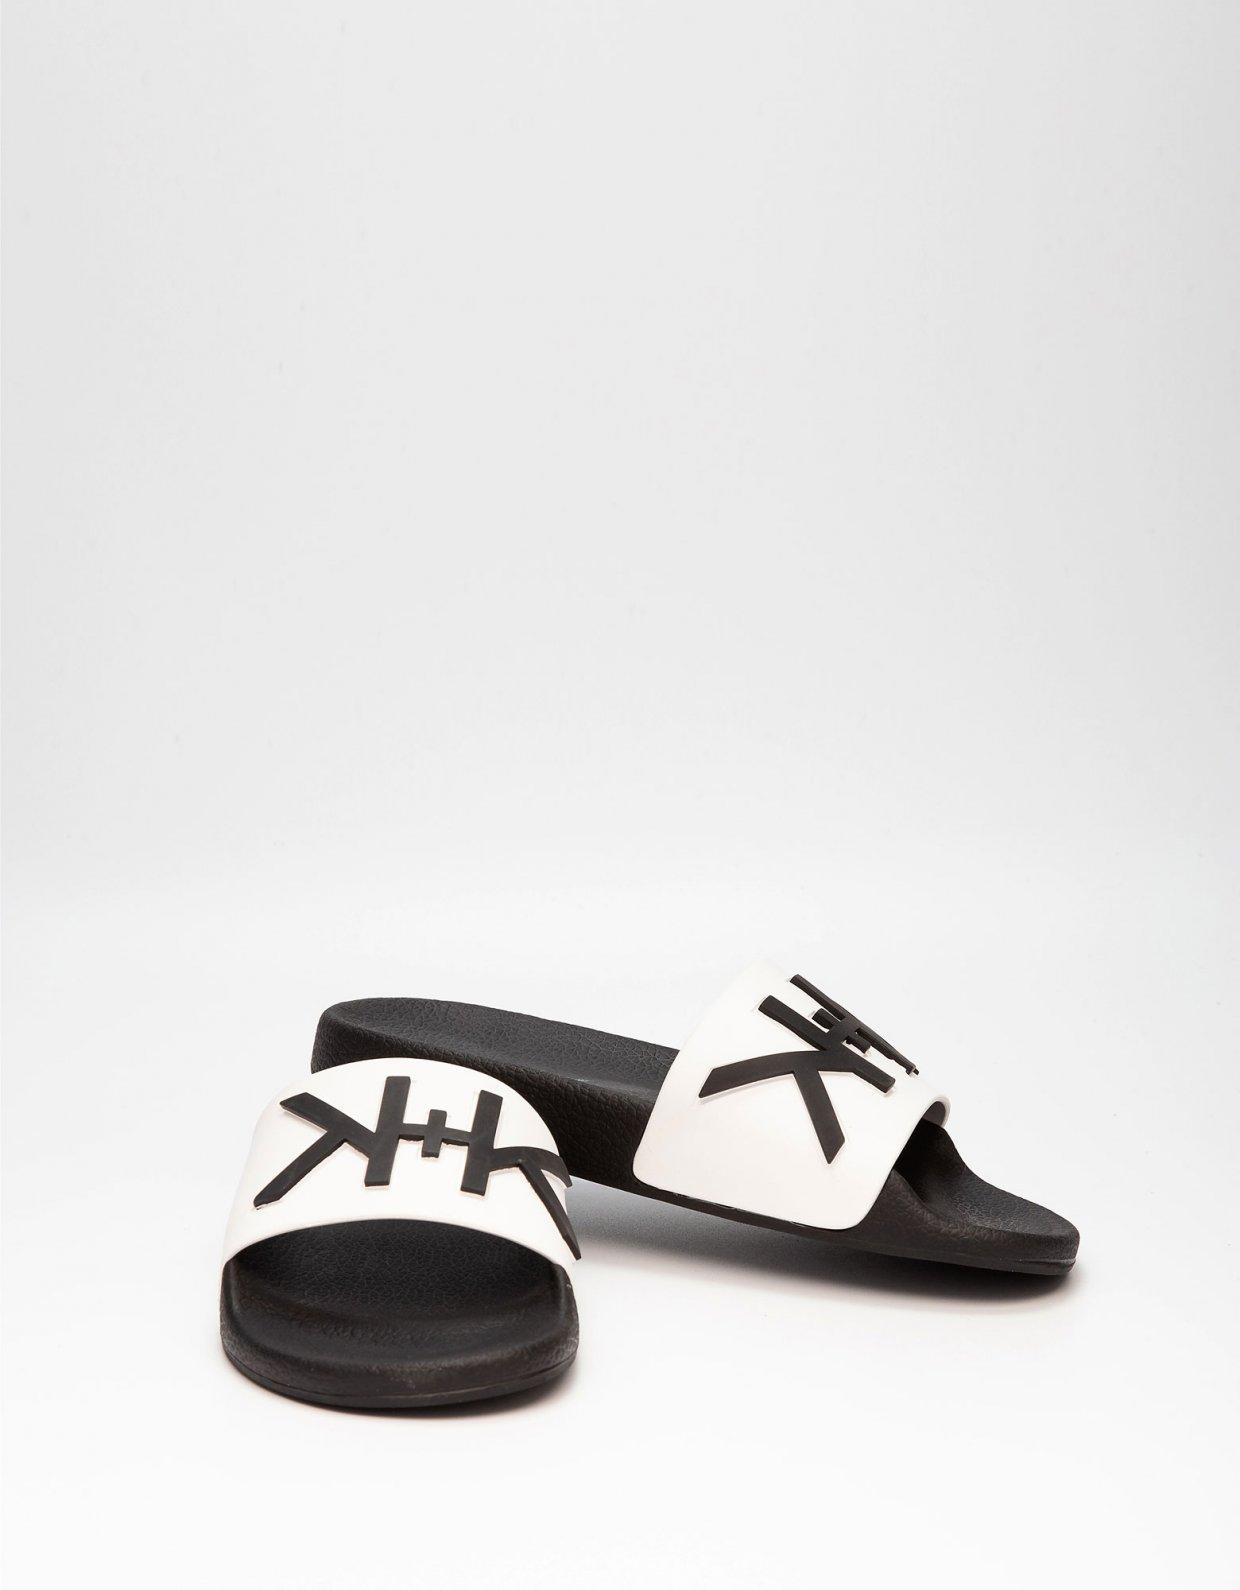 Kendall + Kylie KK Ellis slippers white/black